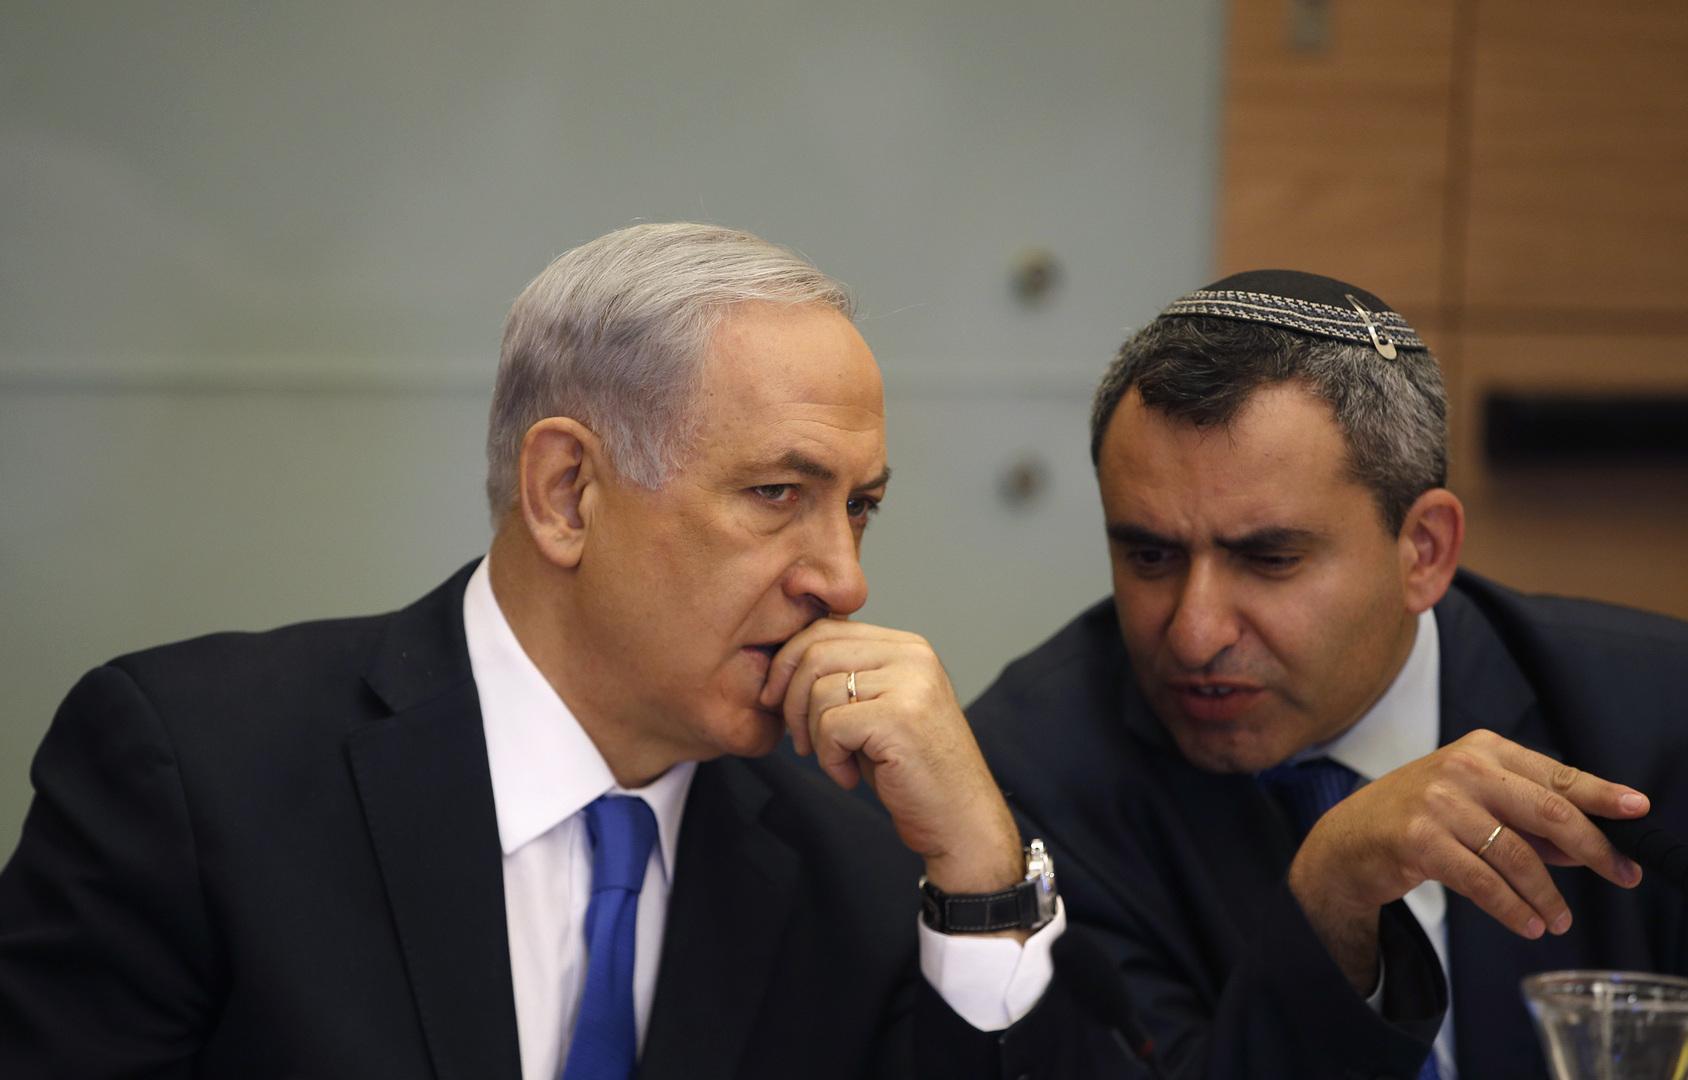 وزير إسرائيلي سابق: نأمل أن يعترف المجتمع الدولي بحدودنا الجديدة بعد ضم أجزاء من الضفة الغربية